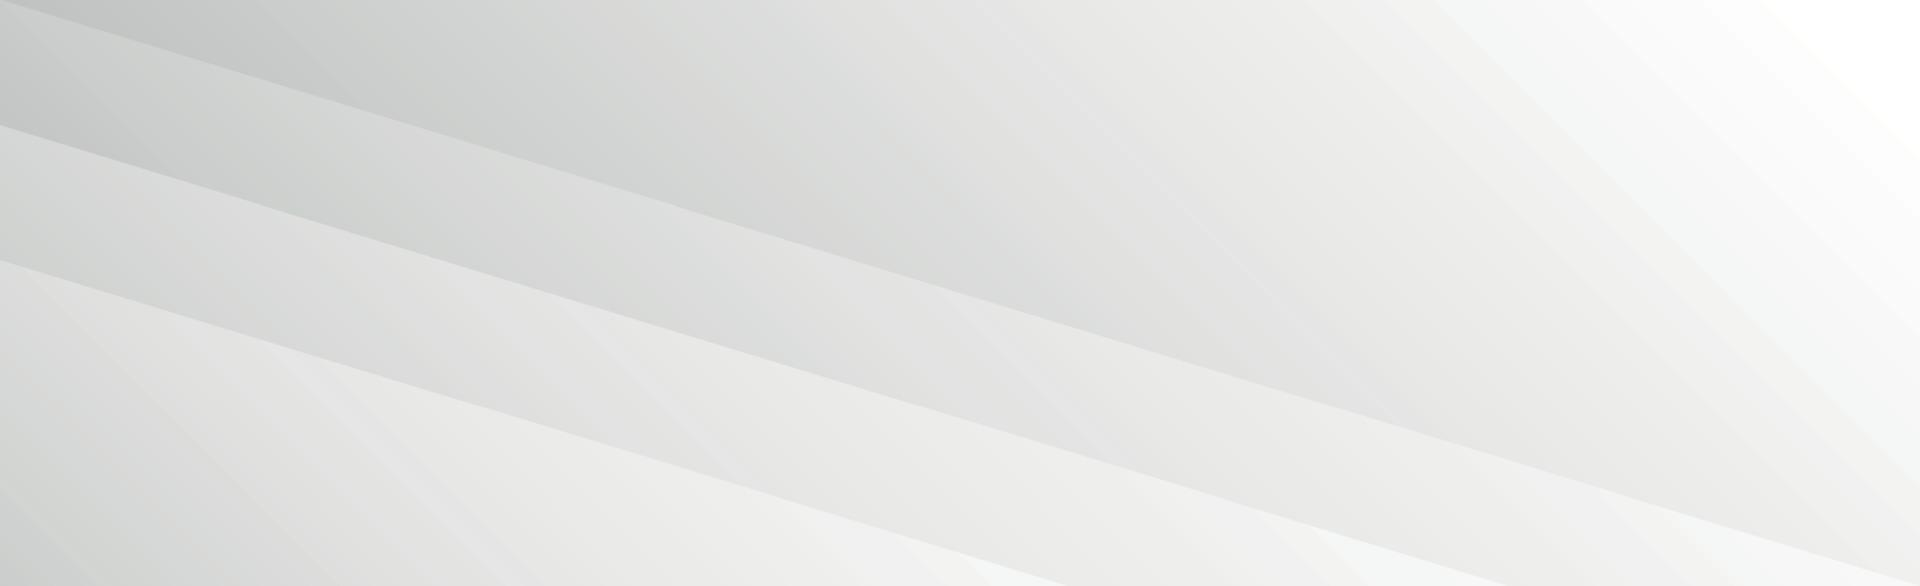 witte vector panoramische achtergrond met rechte lijnen en schaduwen